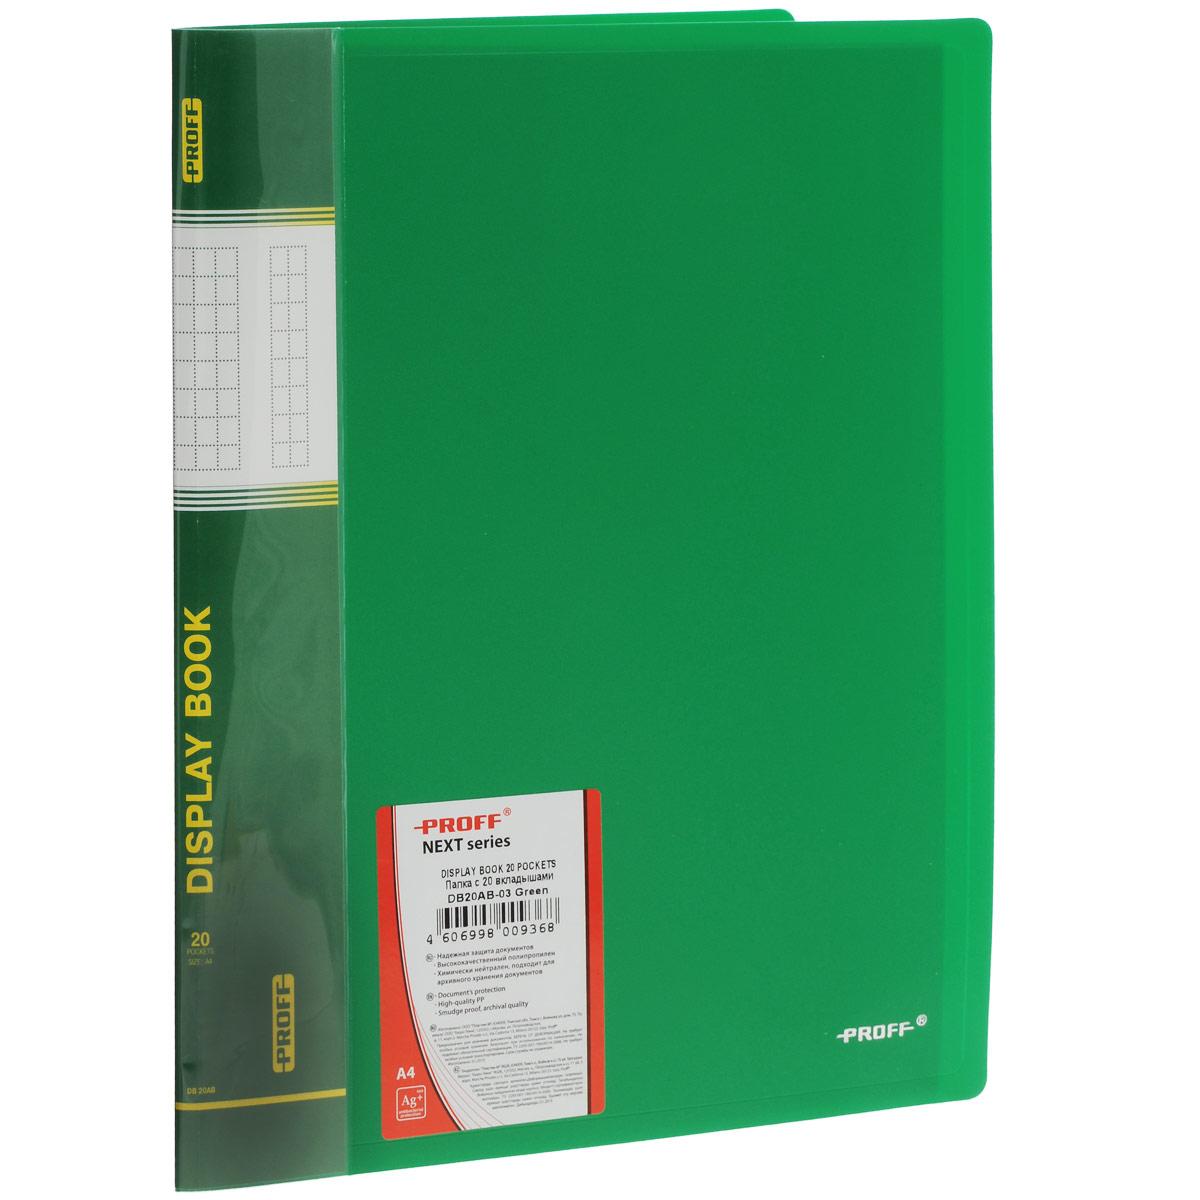 Папка Proff Next, на 20 файлов, цвет: зеленый. Формат А4DB20AB-03Папка с файлами Proff Next - это удобный и практичный офисный инструмент, предназначенный для хранения и транспортировки рабочих бумаг и документов формата А4. Обложка выполнена из плотного полипропилена. Папка включает в себя 20 прозрачных файлов формата А4. Папка с файлами - это незаменимый атрибут для студента, школьника, офисного работника. Такая папка надежно сохранит ваши документы и сбережет их от повреждений, пыли и влаги.